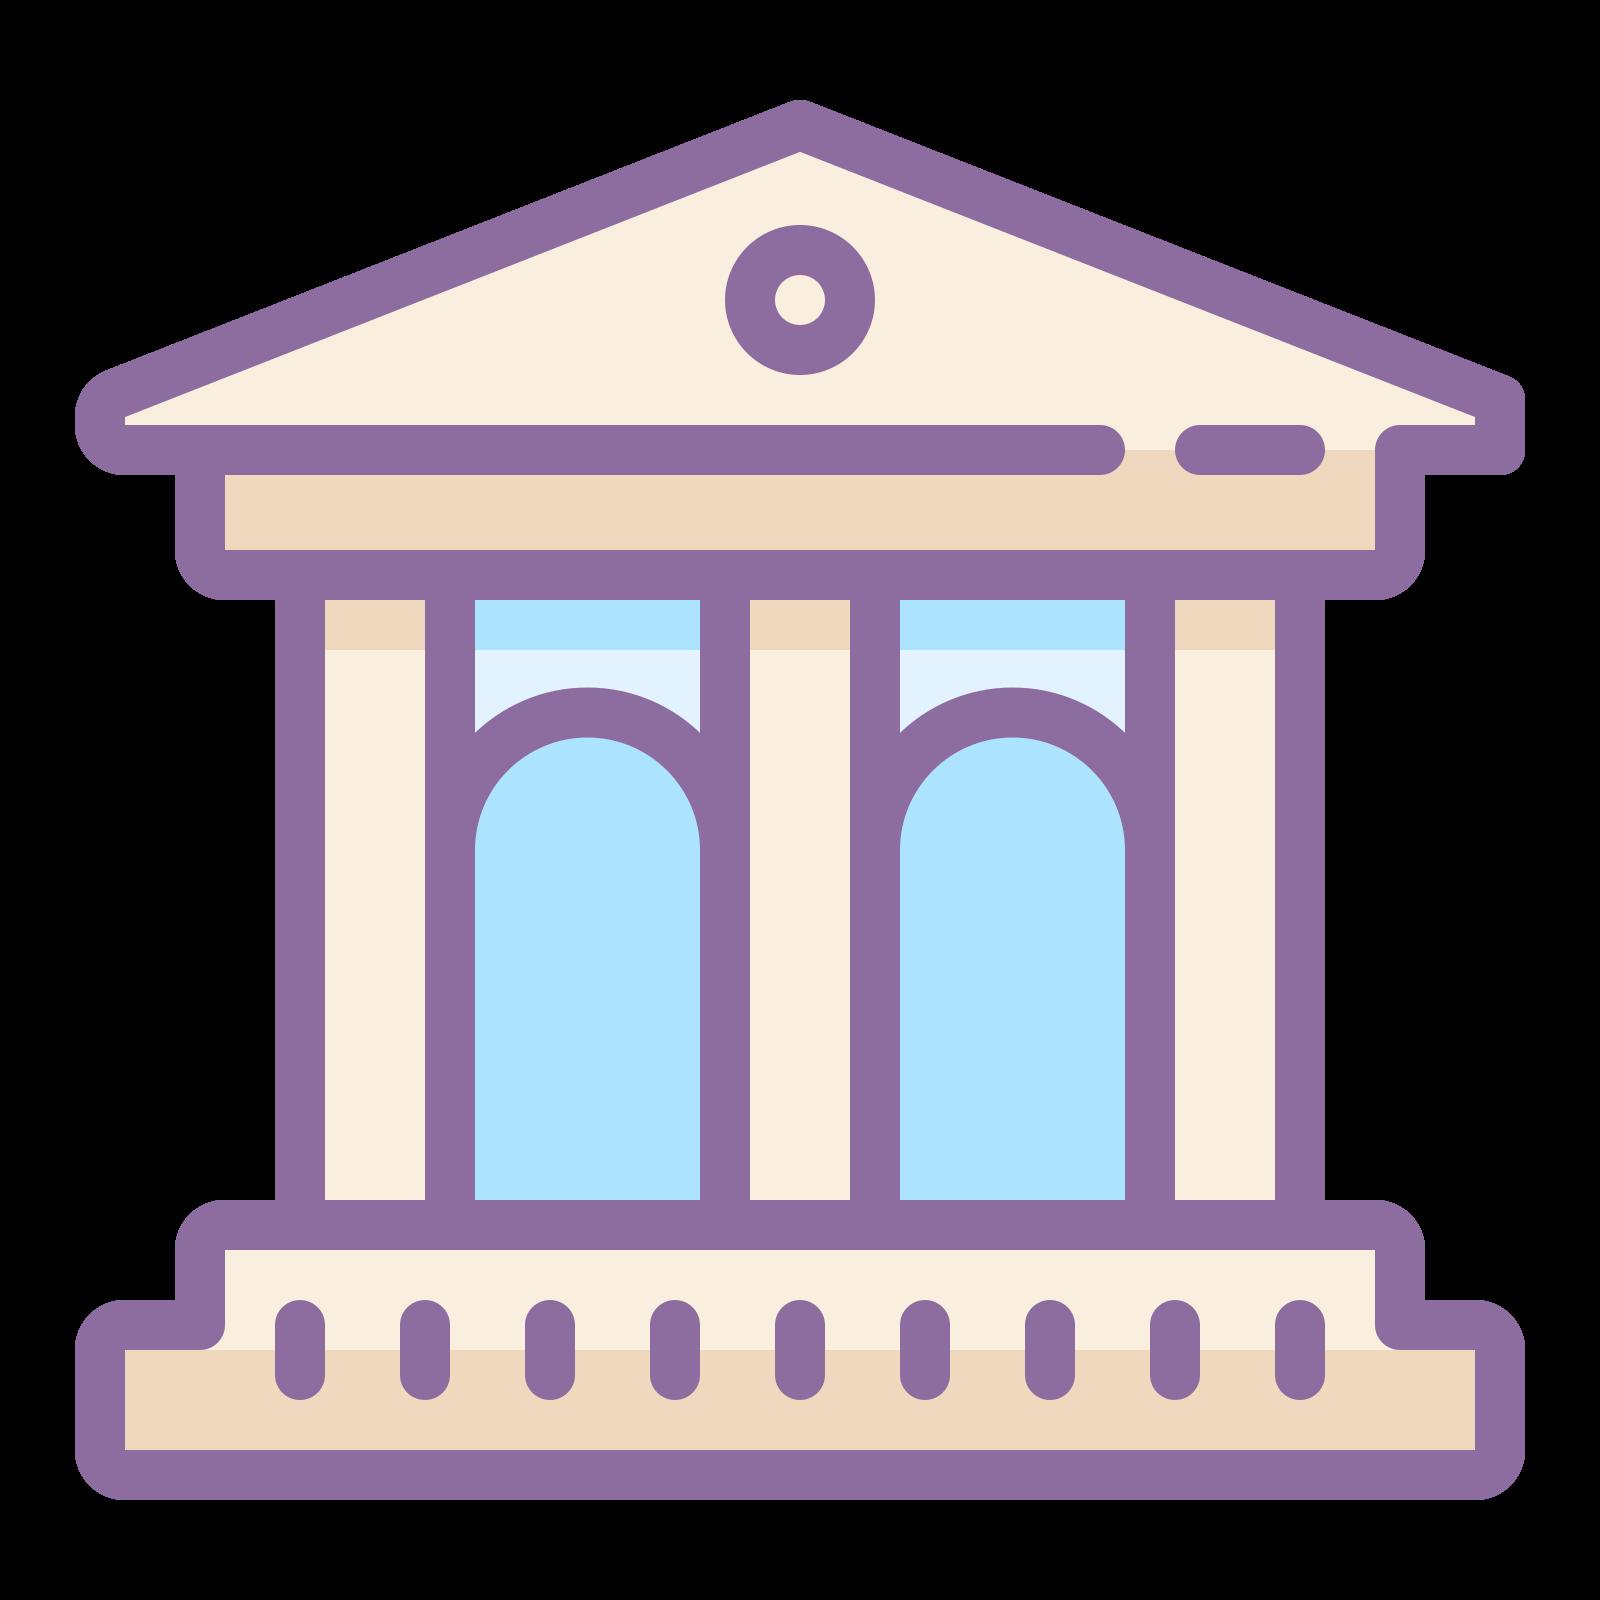 Muzeum icon